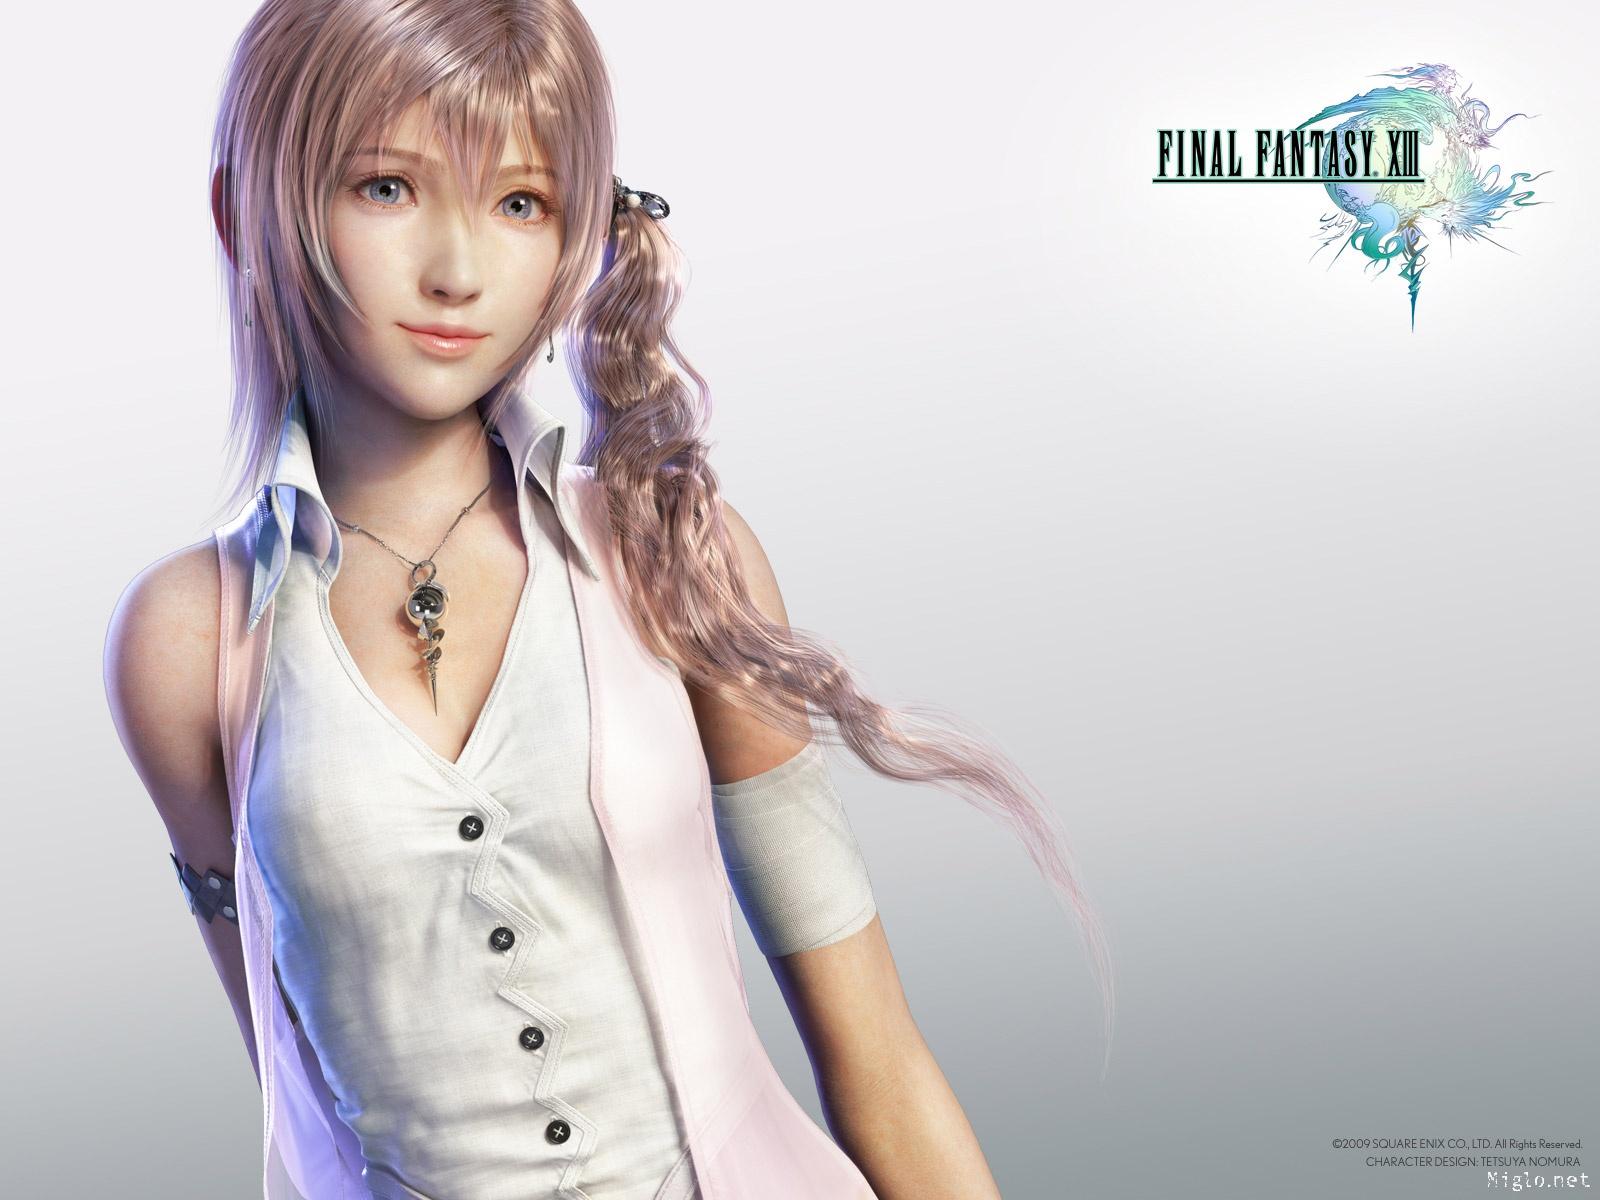 http://2.bp.blogspot.com/_V6TVDECge74/S9a34GO5WXI/AAAAAAAAAbc/5GNuDU4OBTw/s1600/final-fantasy-xiii-game-1600x1200.jpg